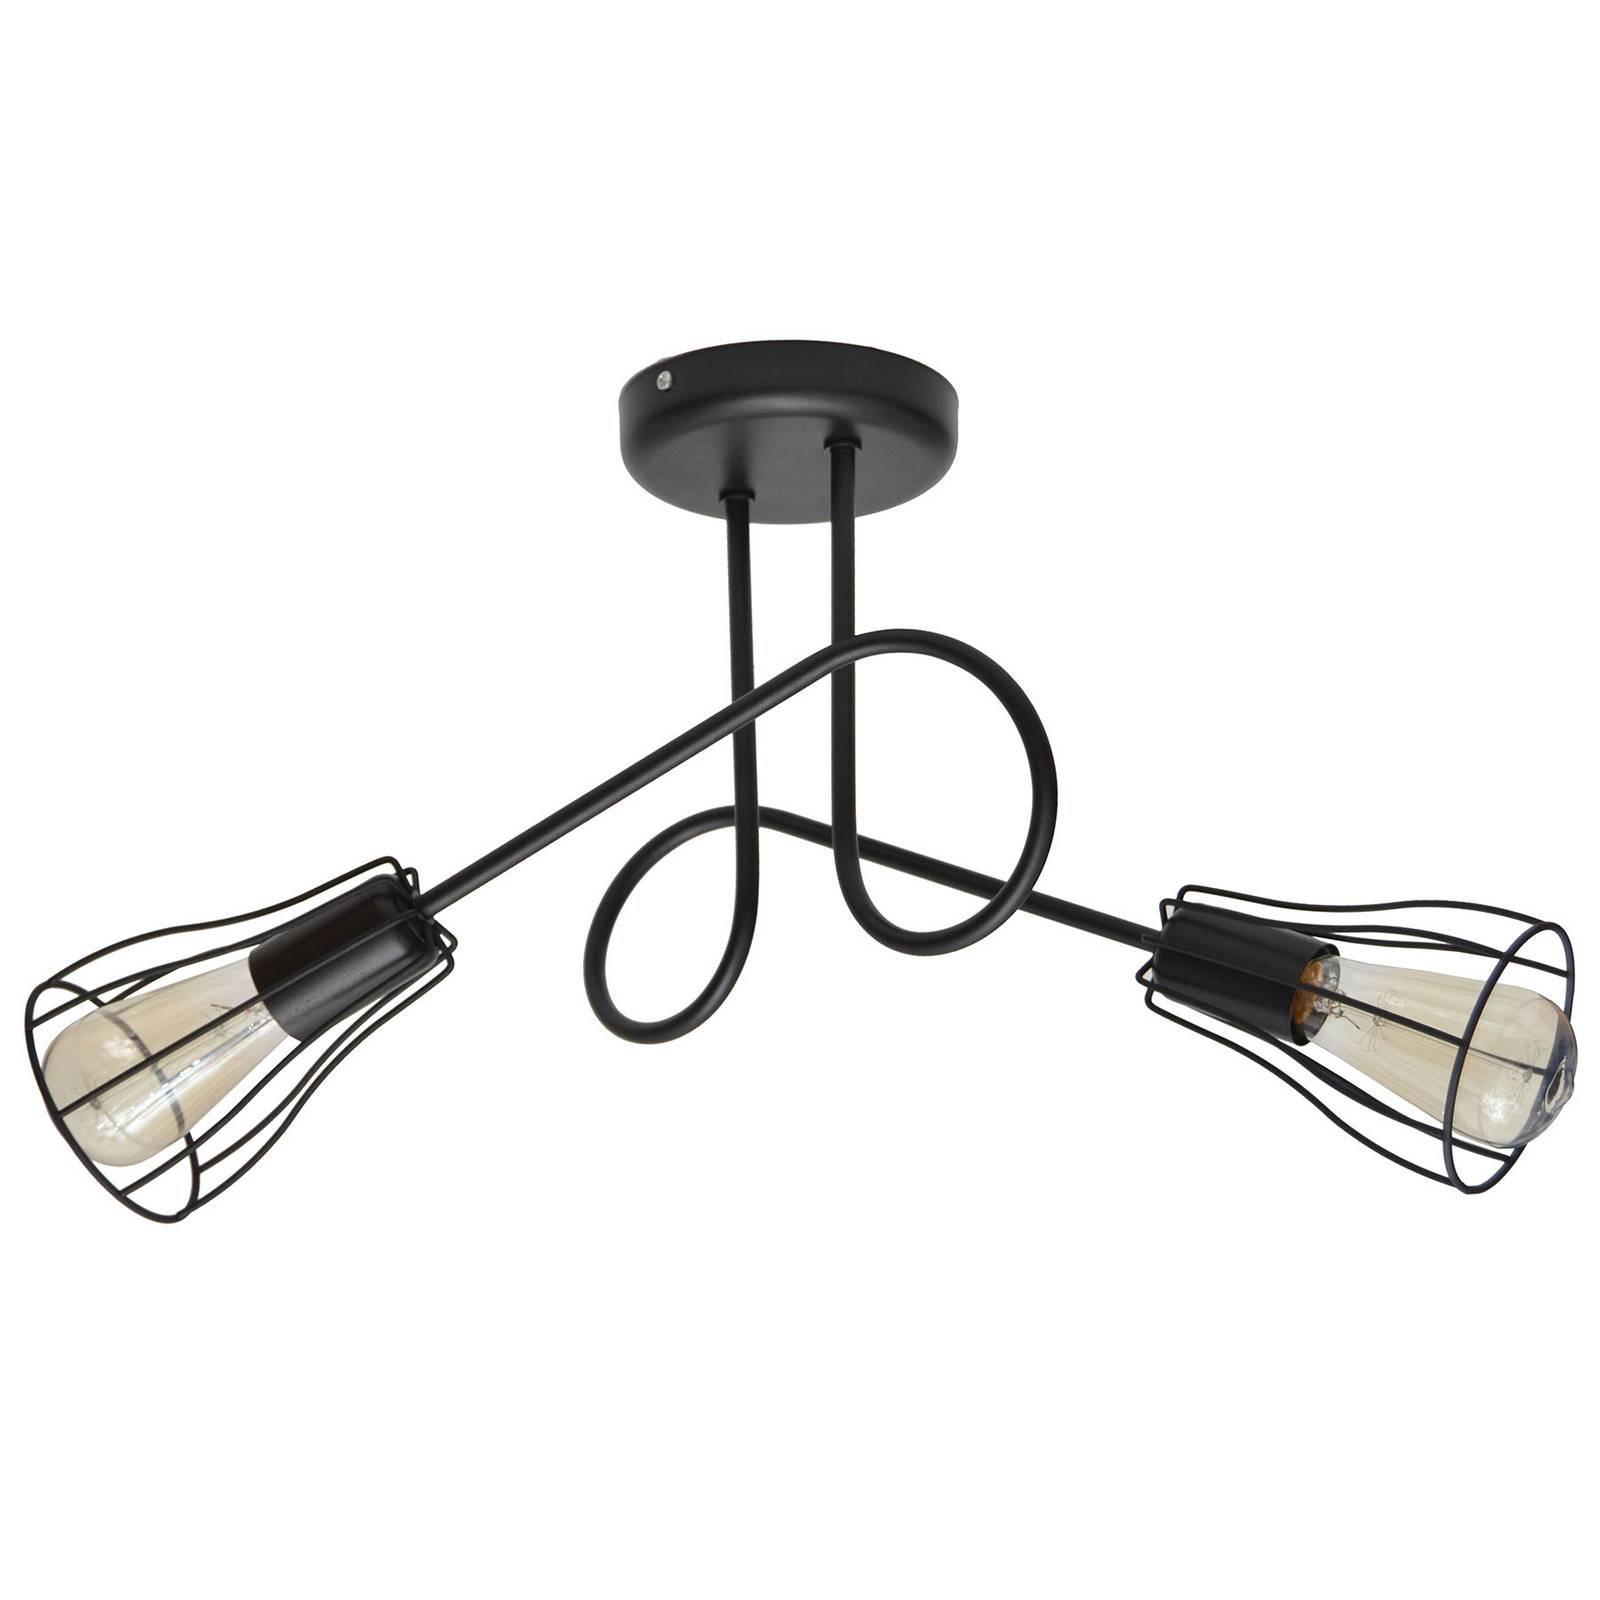 Taklampe Oxford, 2 lyskilder med burskjermer svart